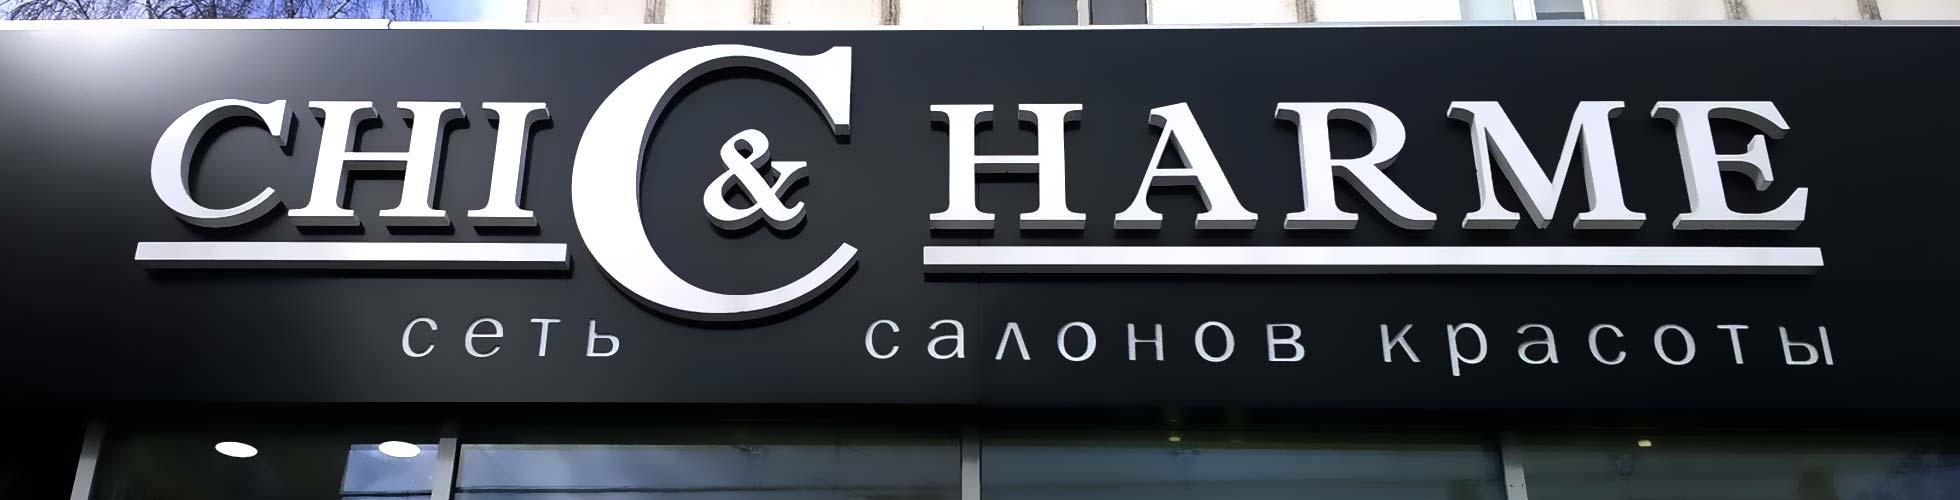 chic-banner